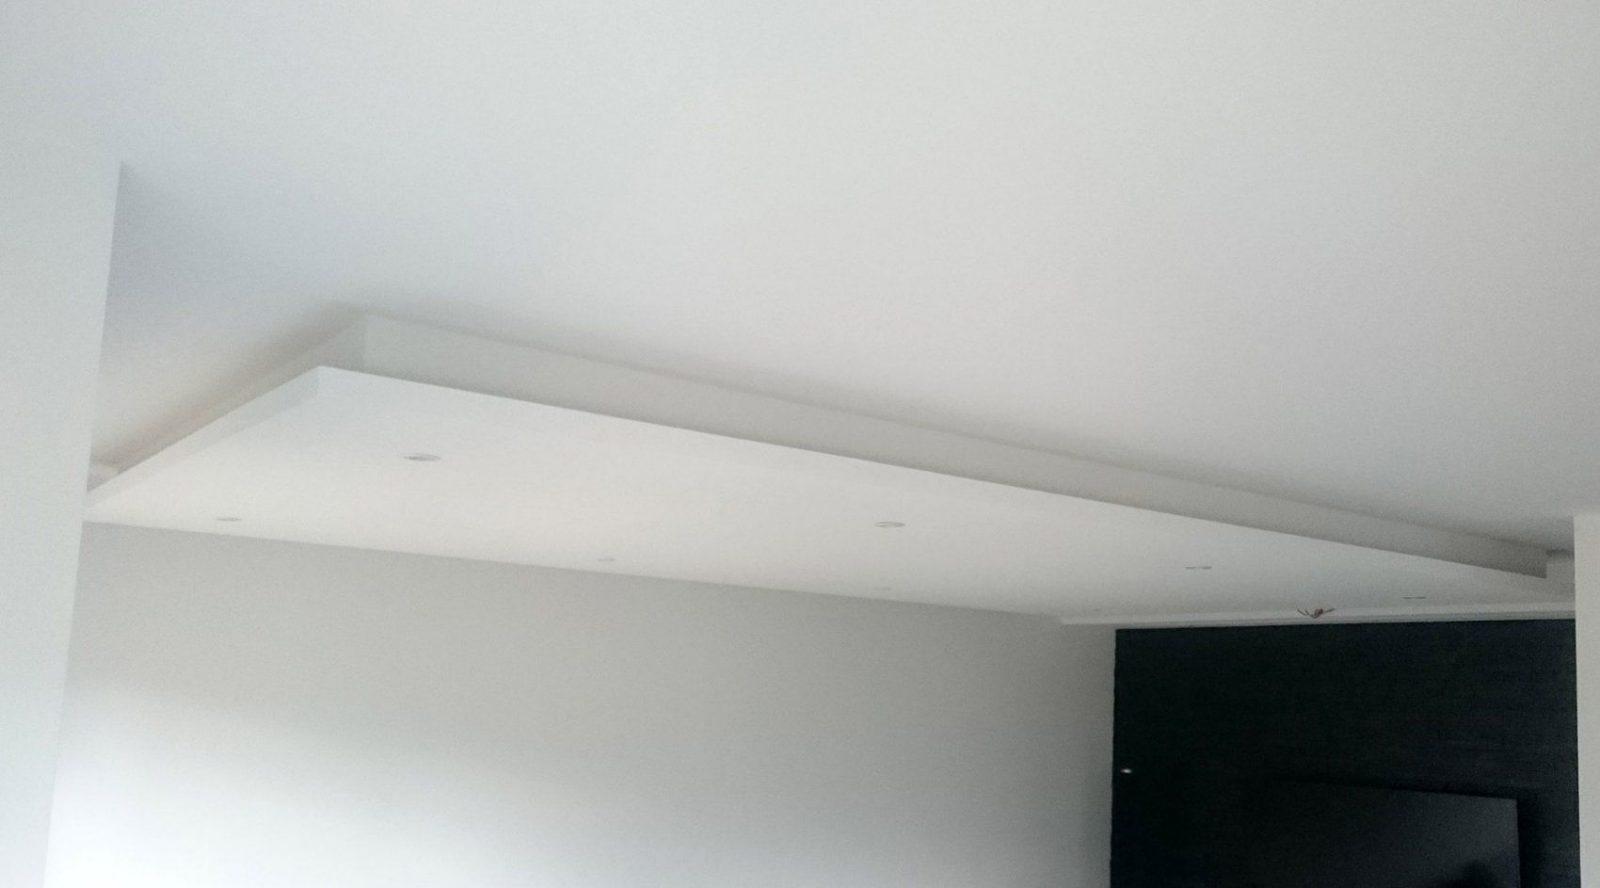 Abgehängte Decke Mit Indirekter Beleuchtung (Lichtvouten) Selber Machen von Indirekte Beleuchtung Led Decke Selber Bauen Photo